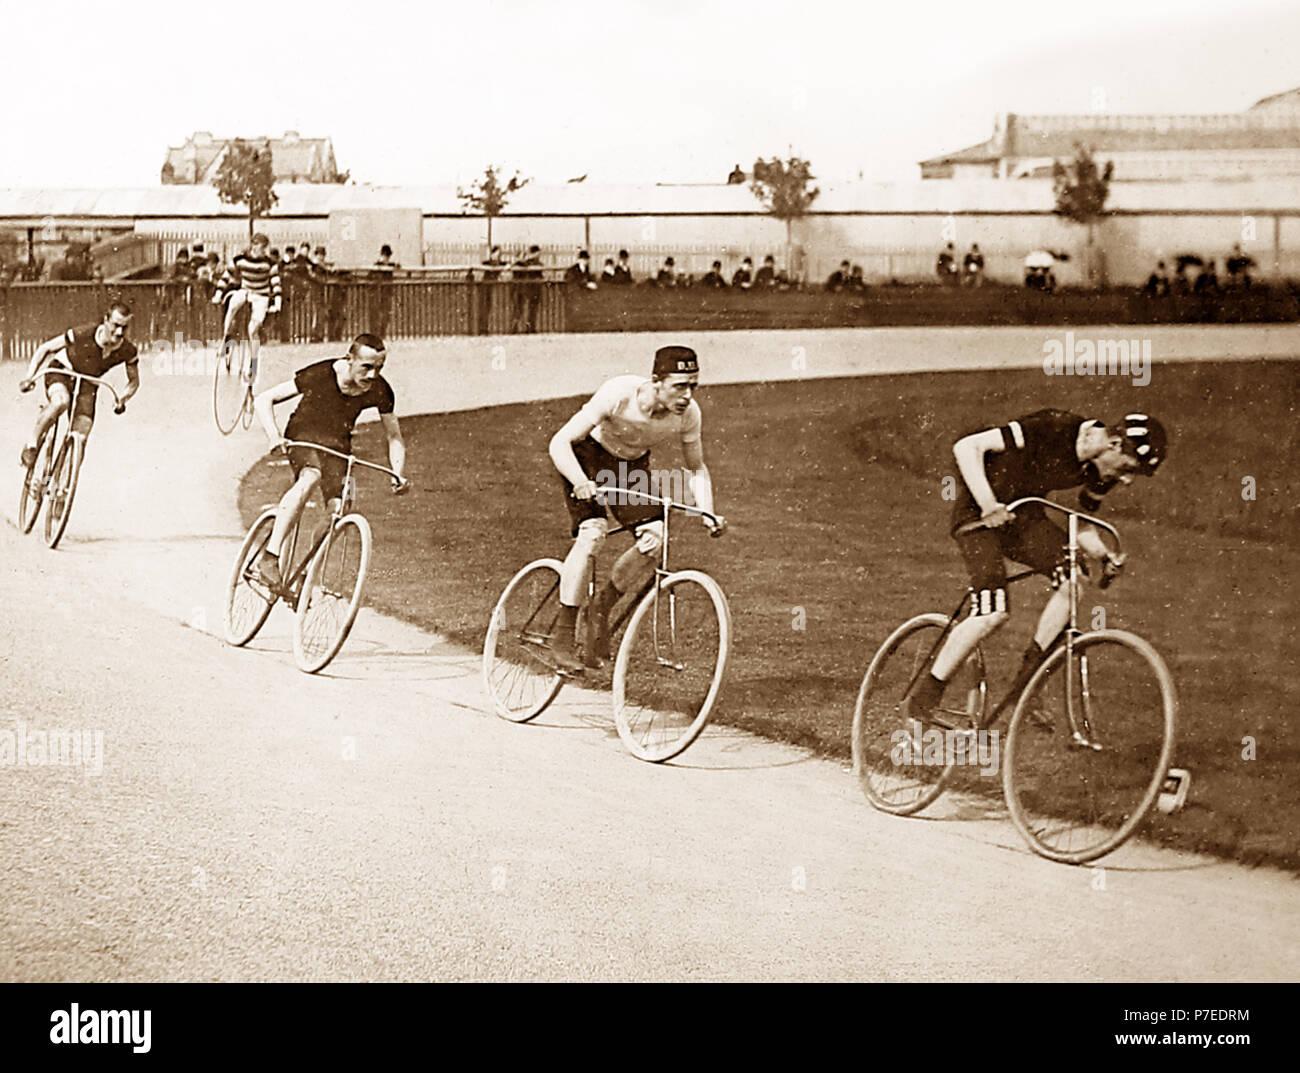 Zwei Meile Herausforderung Radrennen, Anfang 1900 s Stockbild